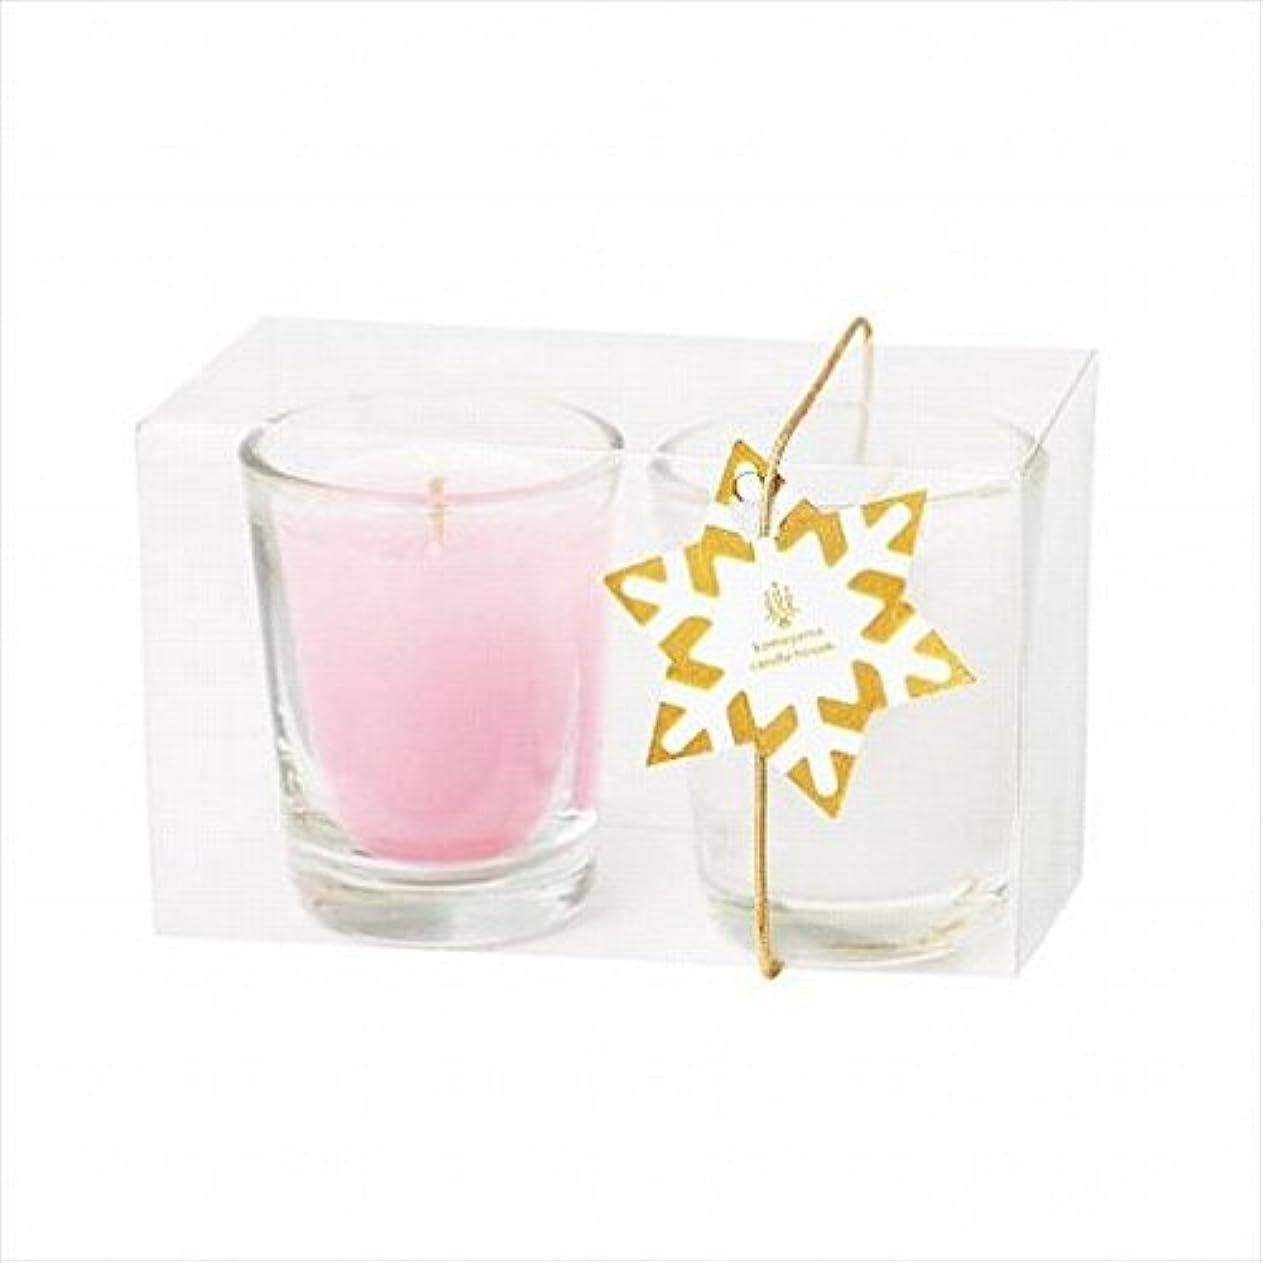 円形のガラス寝るkameyama candle(カメヤマキャンドル) ミニライト2個入り 「 ホワイト&ピンク 」(A9570020)